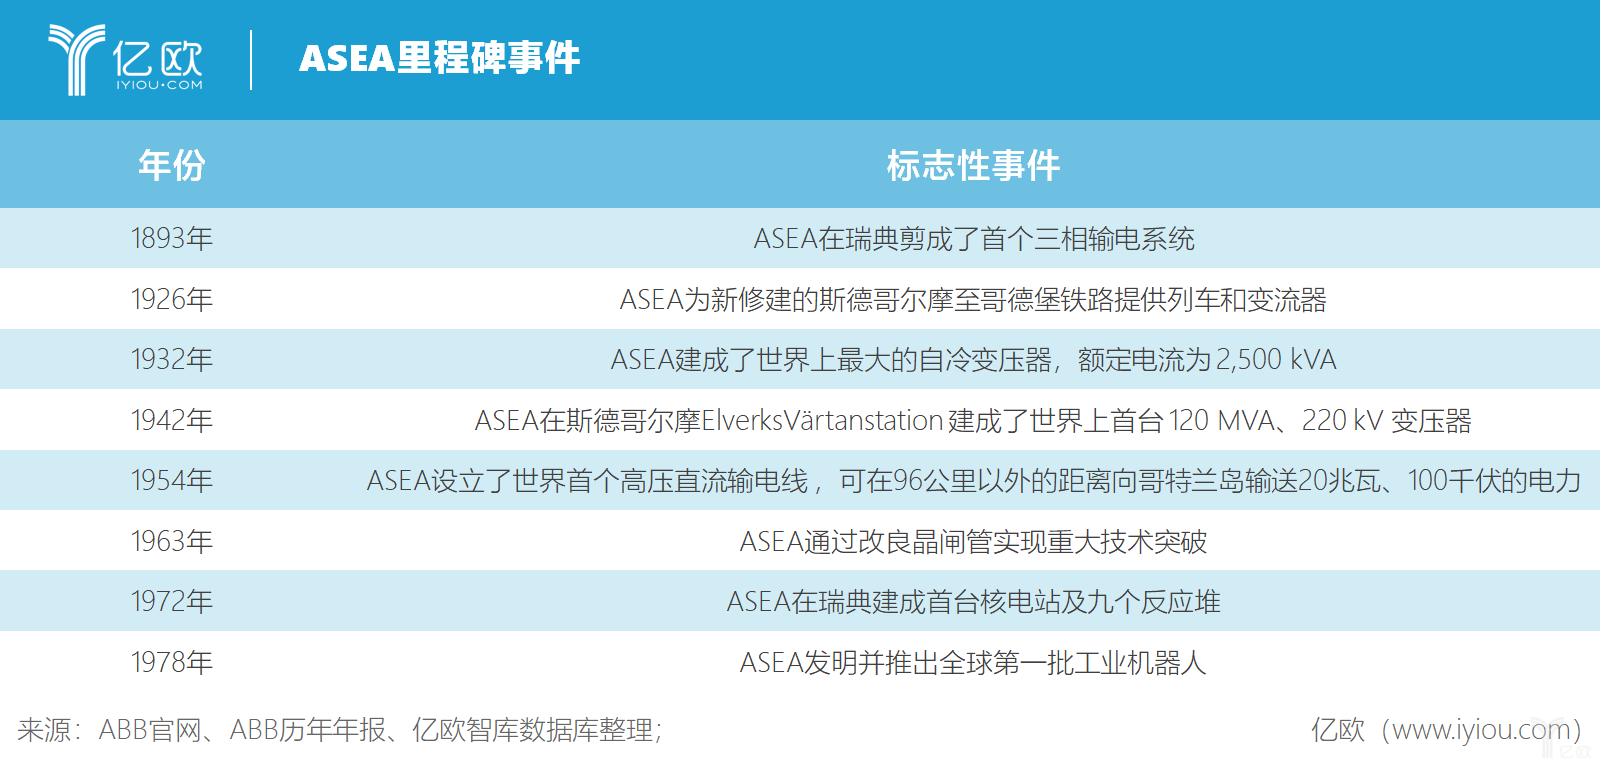 亿欧智库:ASEA历史里程碑事件